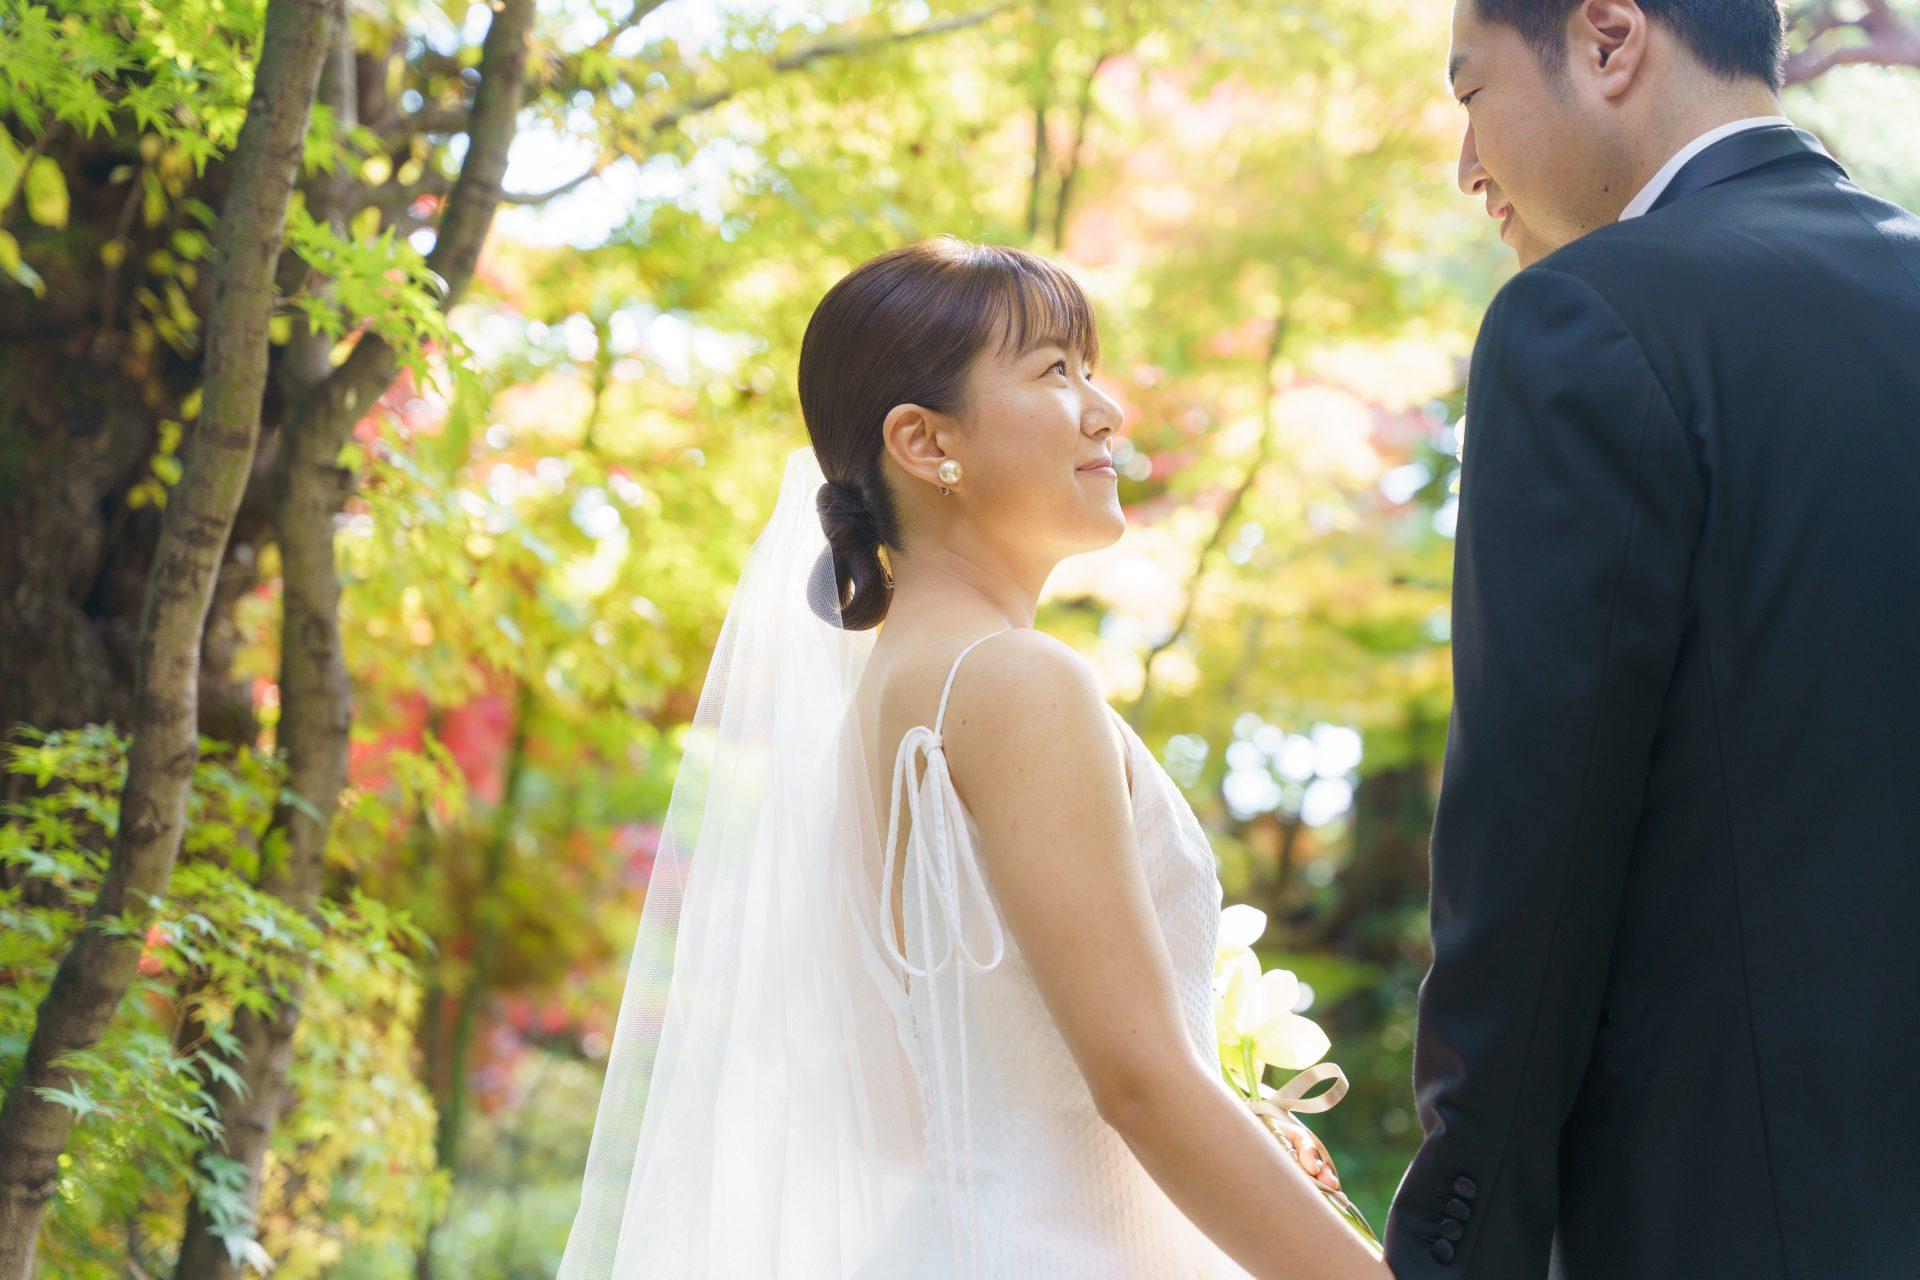 洗練されたデザインで人気のレラローズのAラインのウェディングドレスに合わせミニマルなコーディネートを選ばれたご新婦様